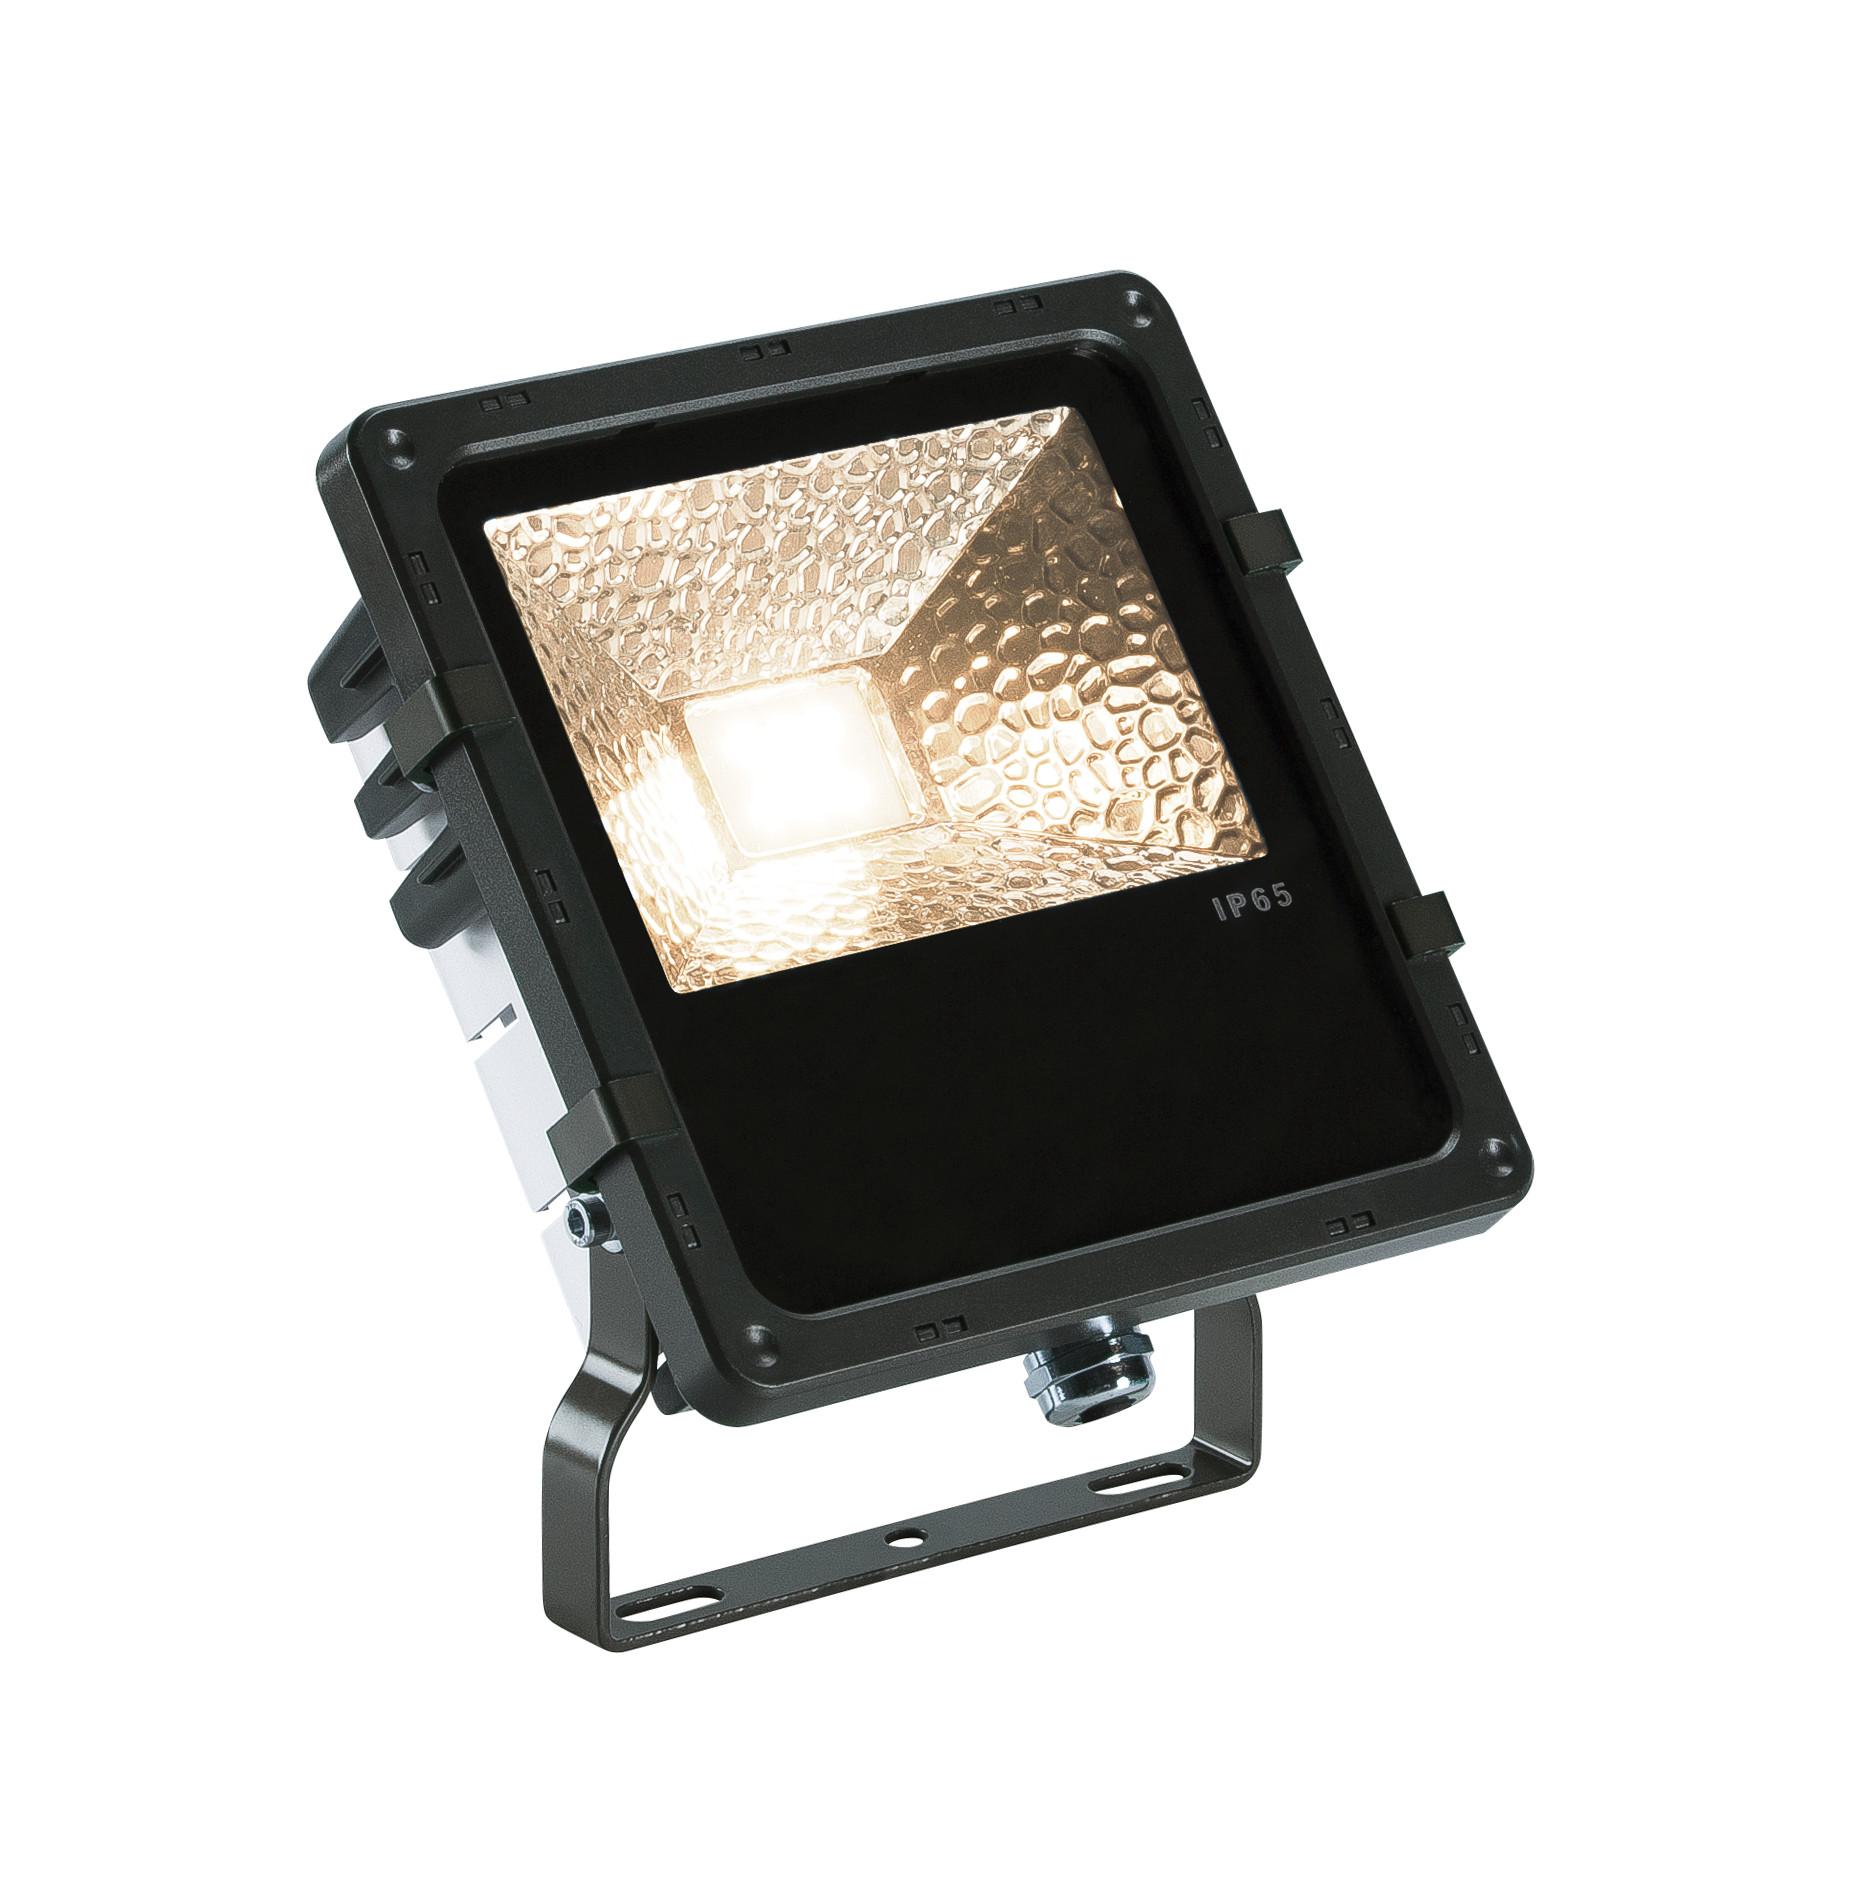 1 Stk DISOS LED Outdoor Flutlicht, schwarz, 3000K, 25W, IP65  LI1000804-